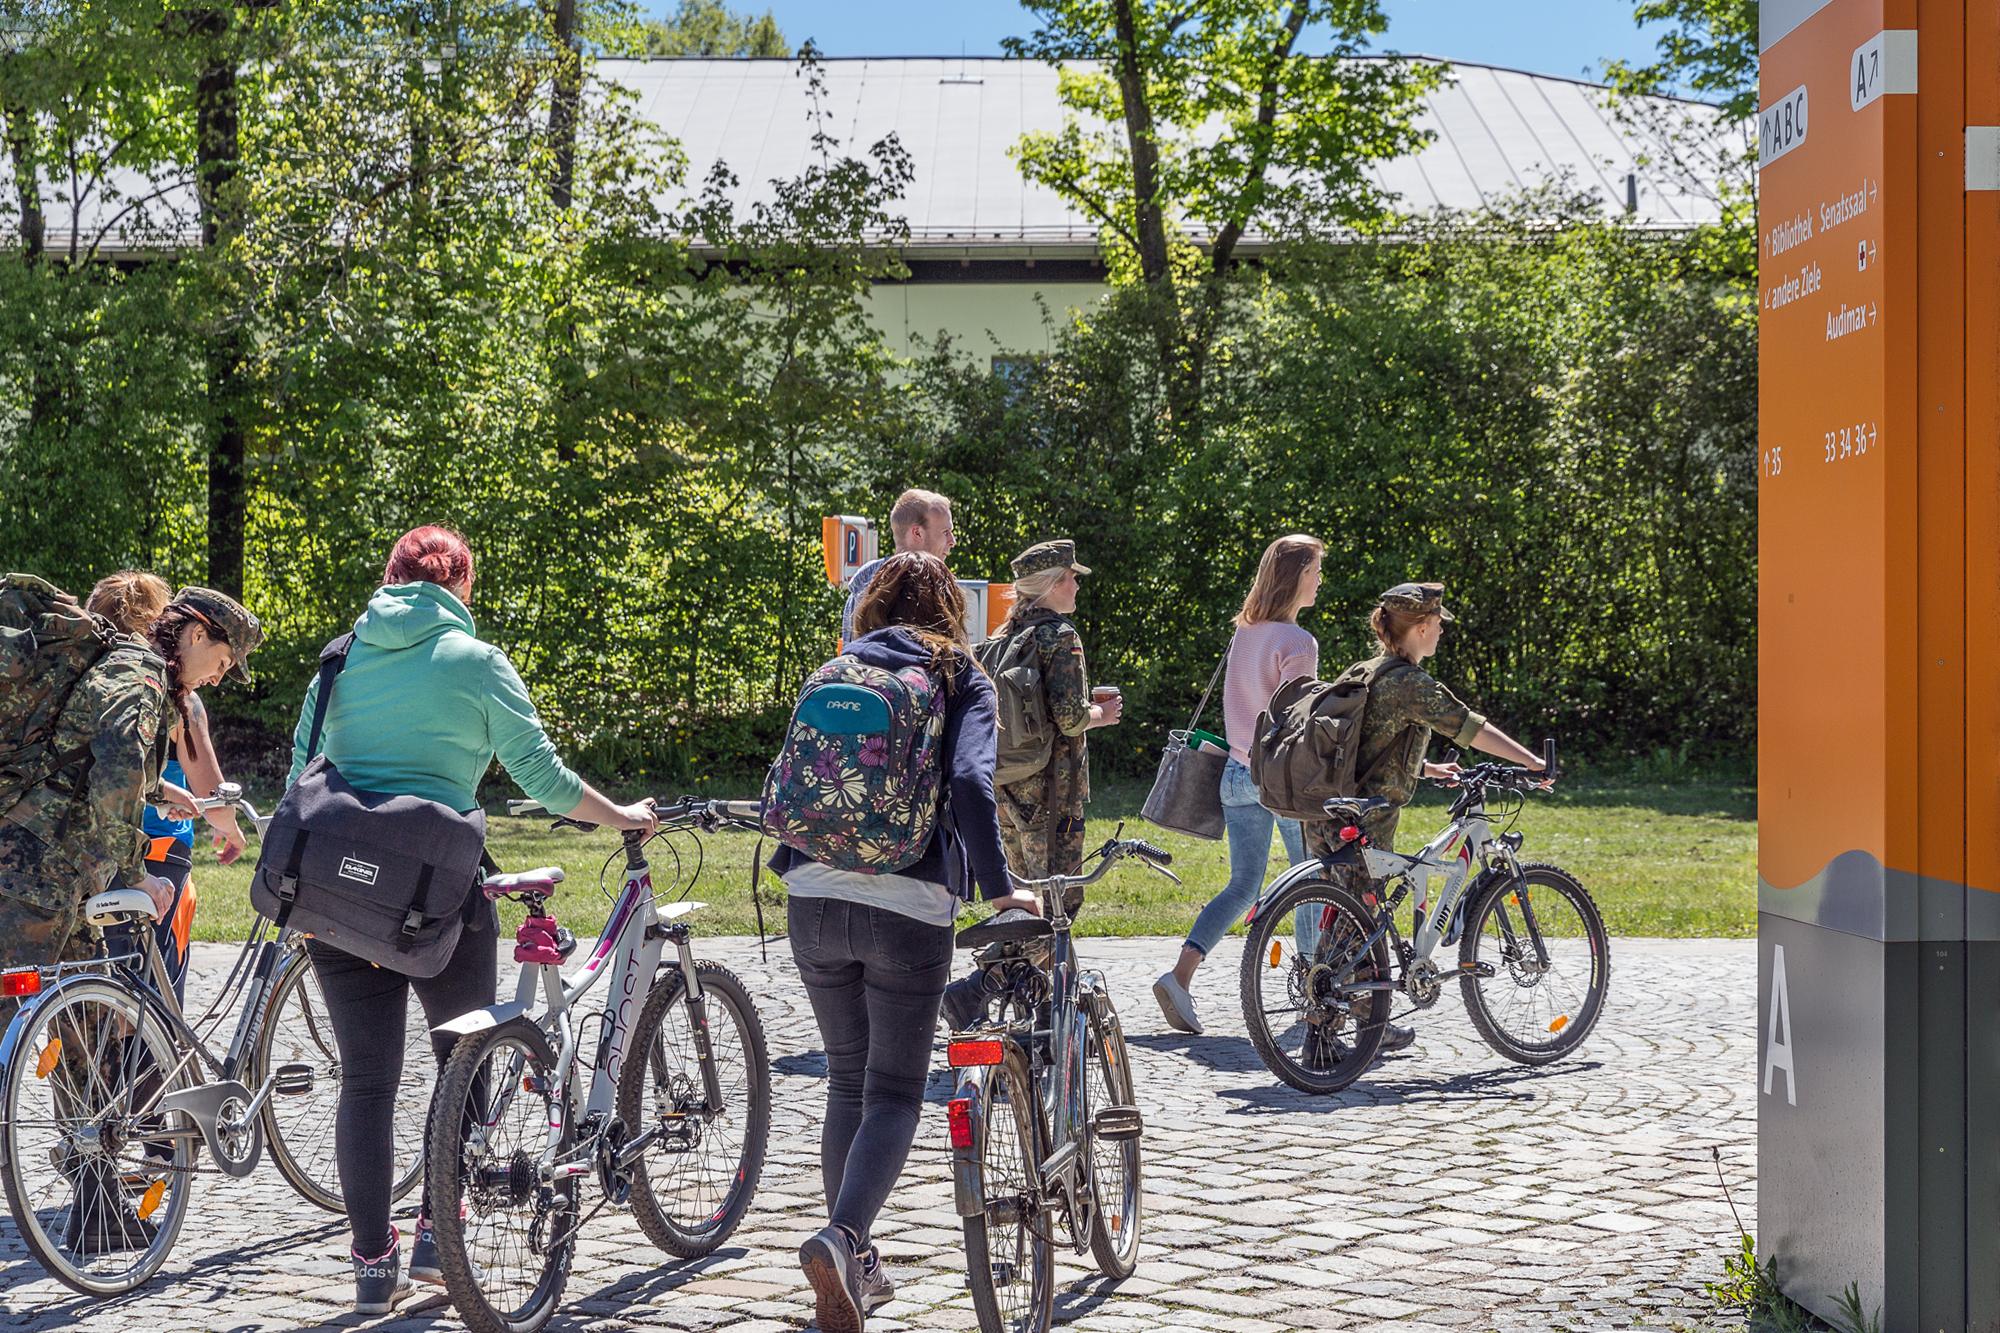 unibw-muenchen_campus.jpg